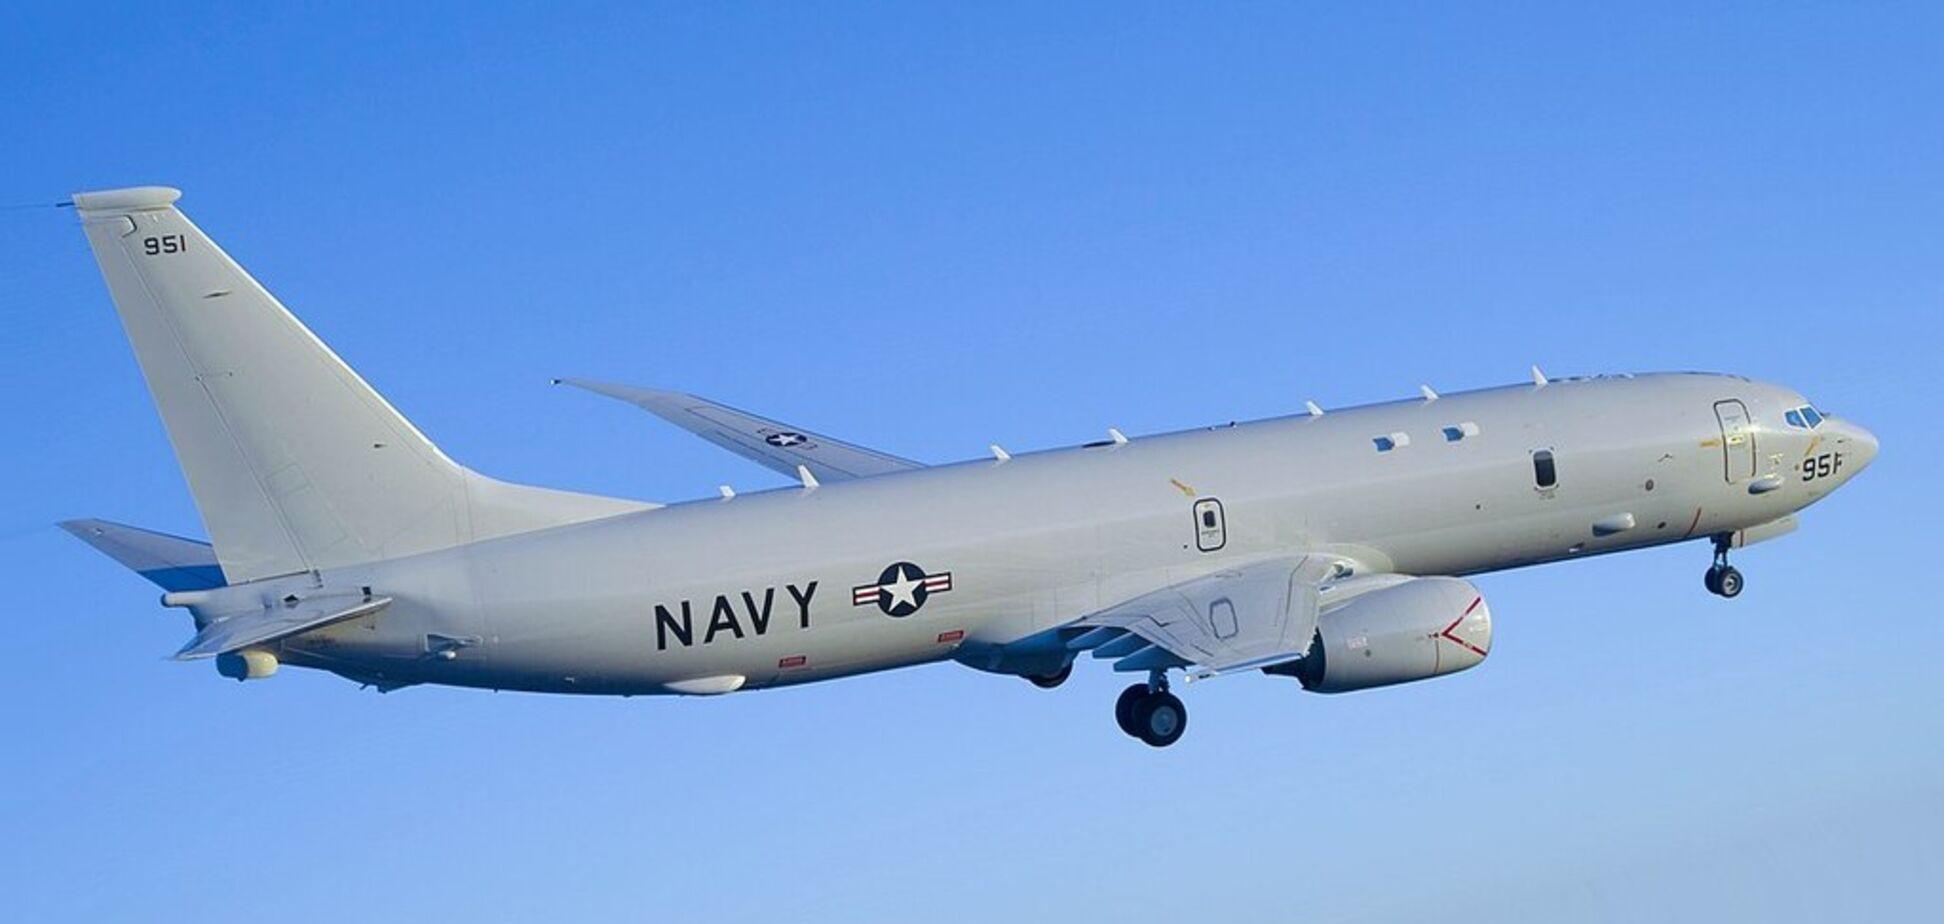 ВМС США провелиразведку возле Крыма: что известно